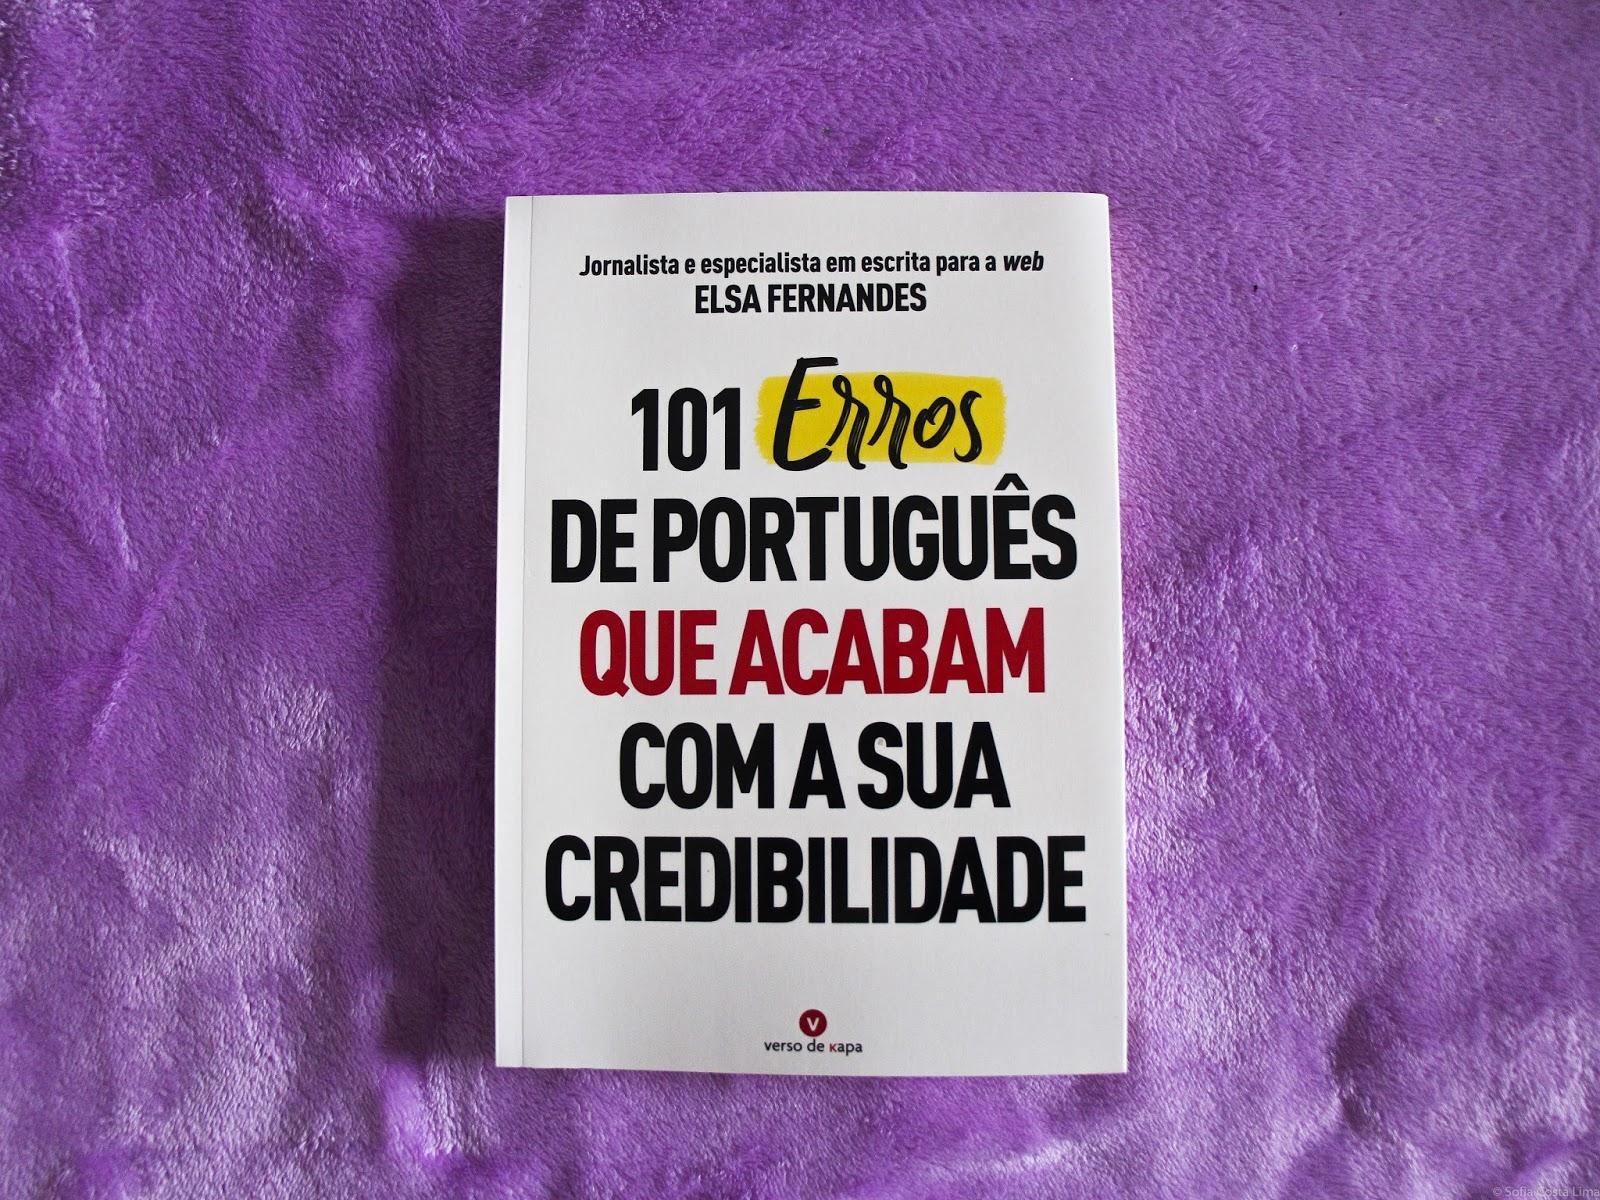 101 erros de português que acabam com a sua credibilidade - Elsa Fernandes